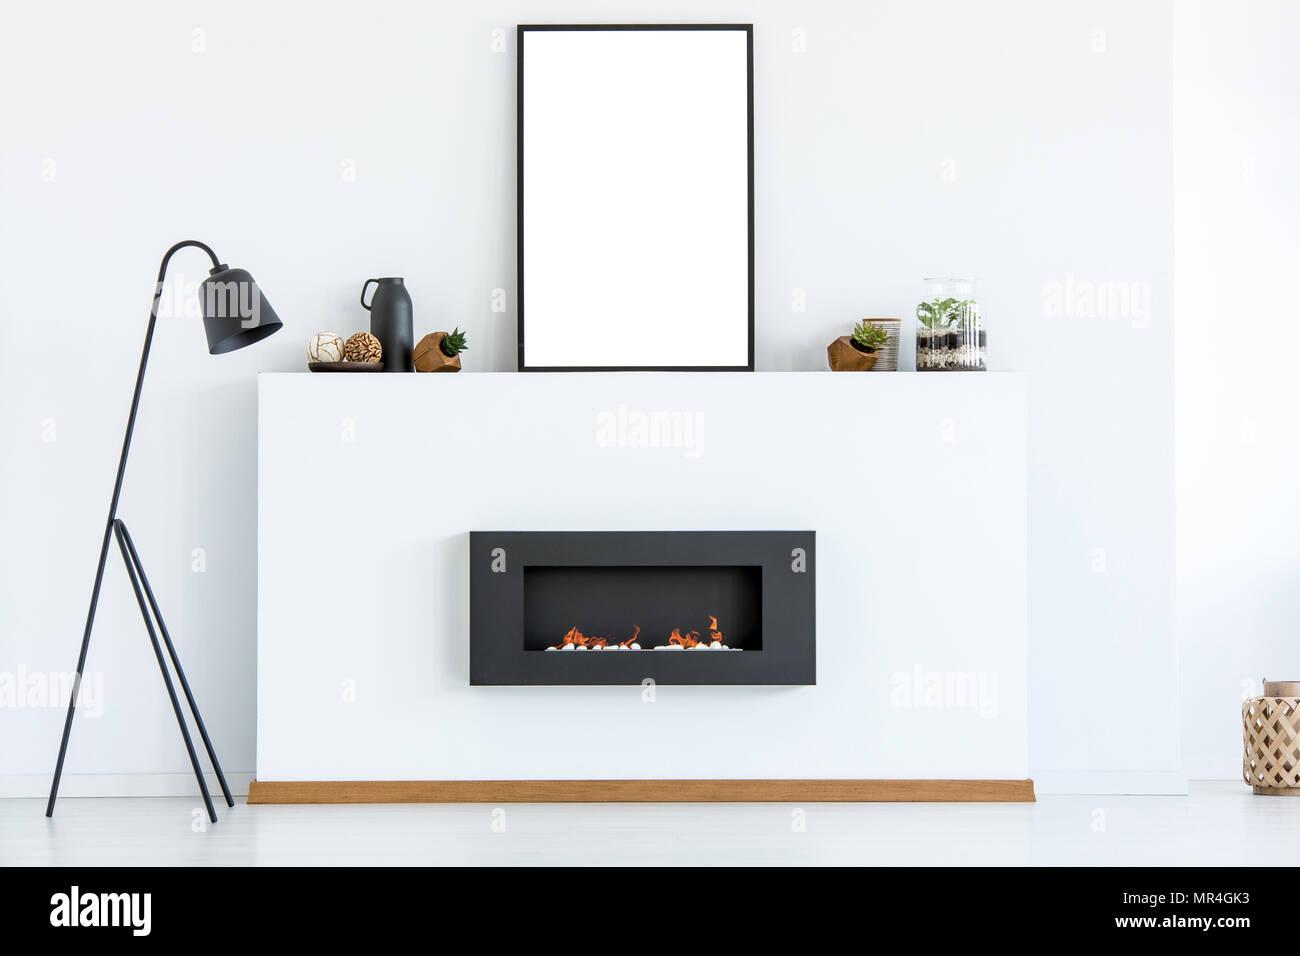 Schwarze Lampe Neben Dem Kamin In Weiss Scandi Wohnzimmer Interieur